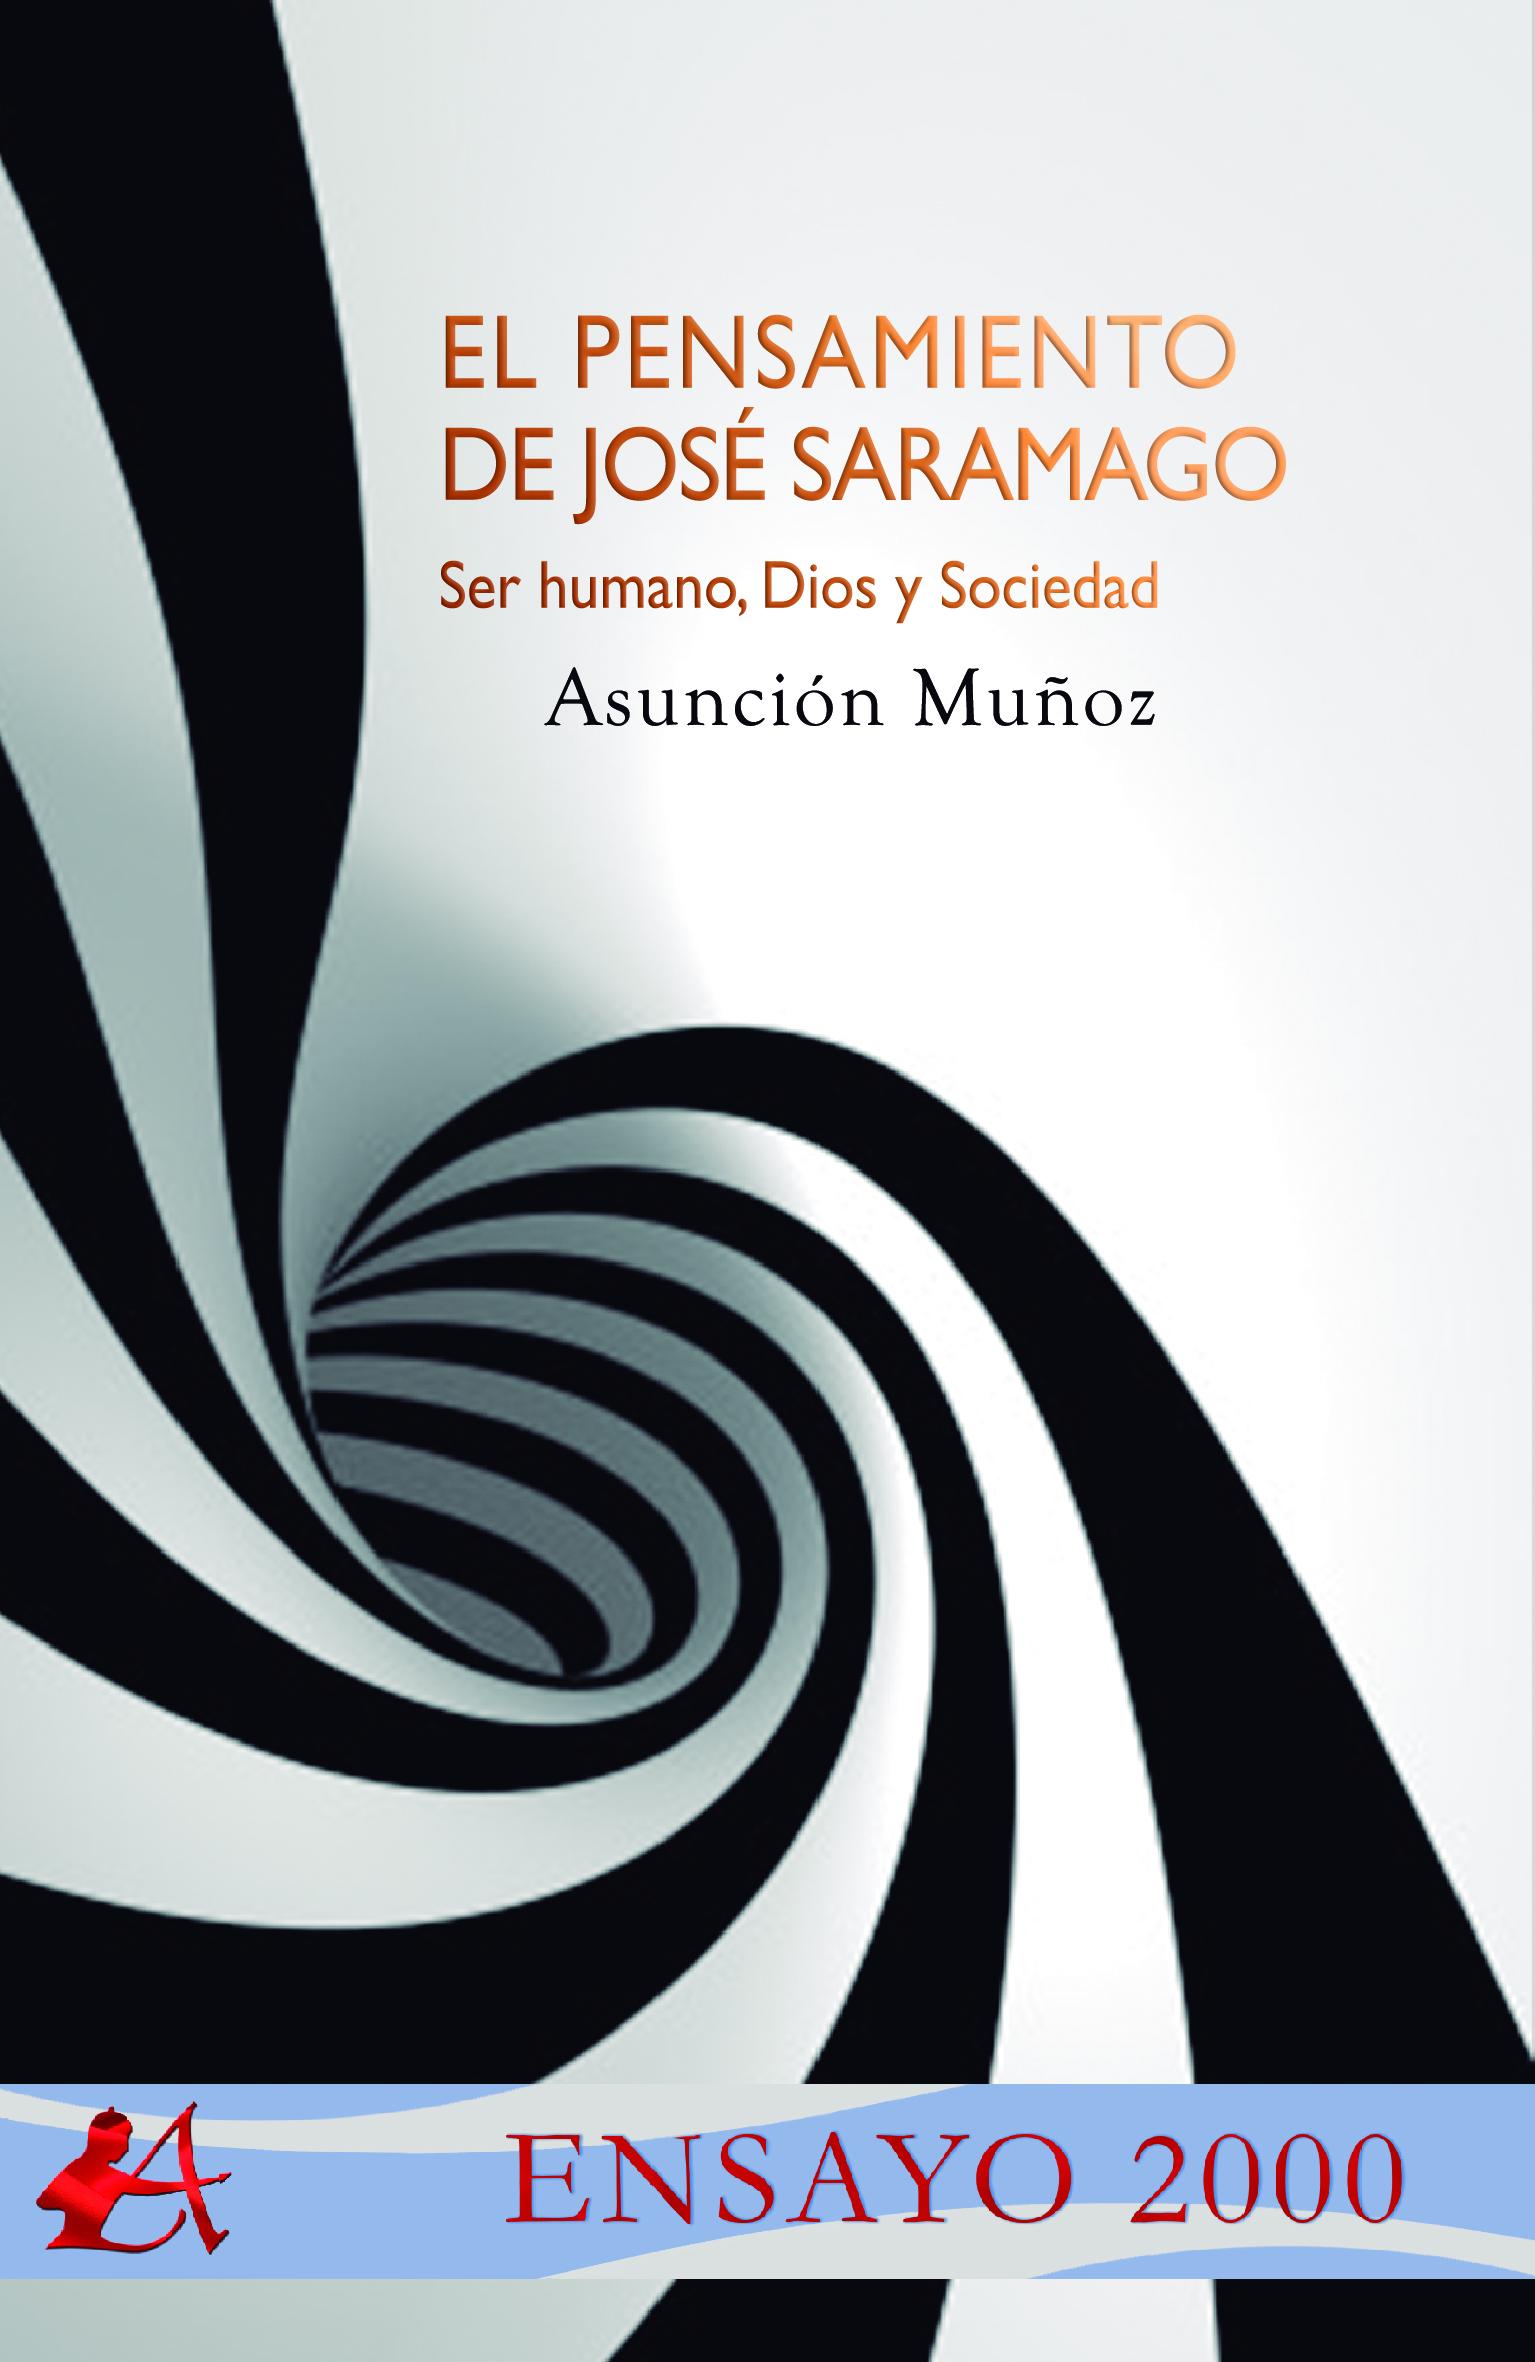 Portada del libro El pensamiento de José Saramago Ser humano Dios y Sociedad de Asunción Muñoz. Editorial Adarve, Editoriales actuales de España